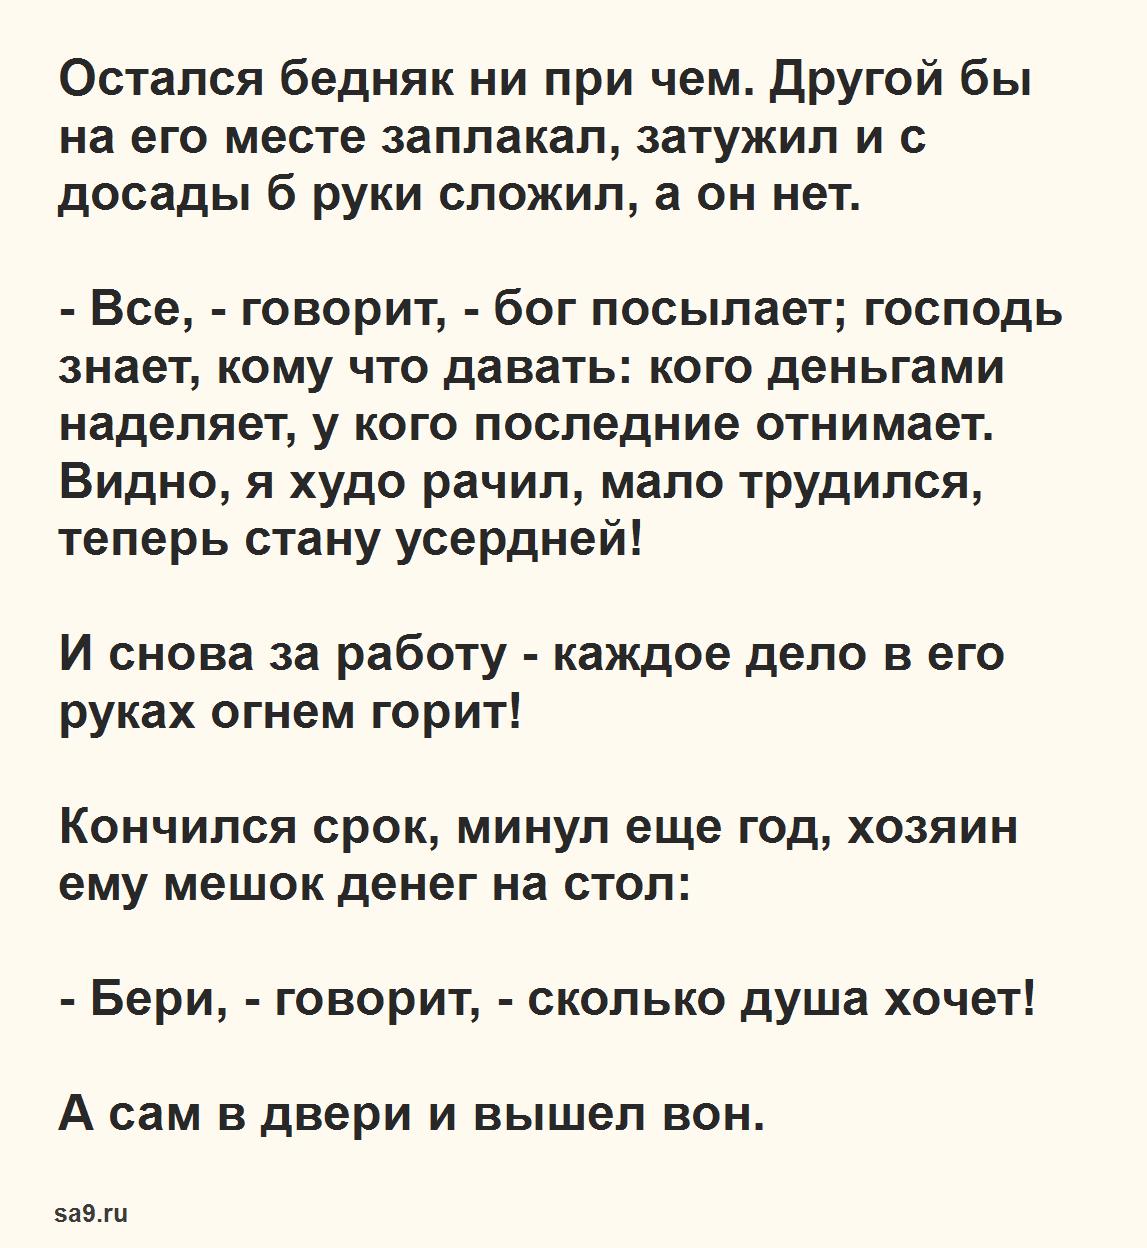 Читать русскую народную сказку - Царевна-Несмеяна, для детей